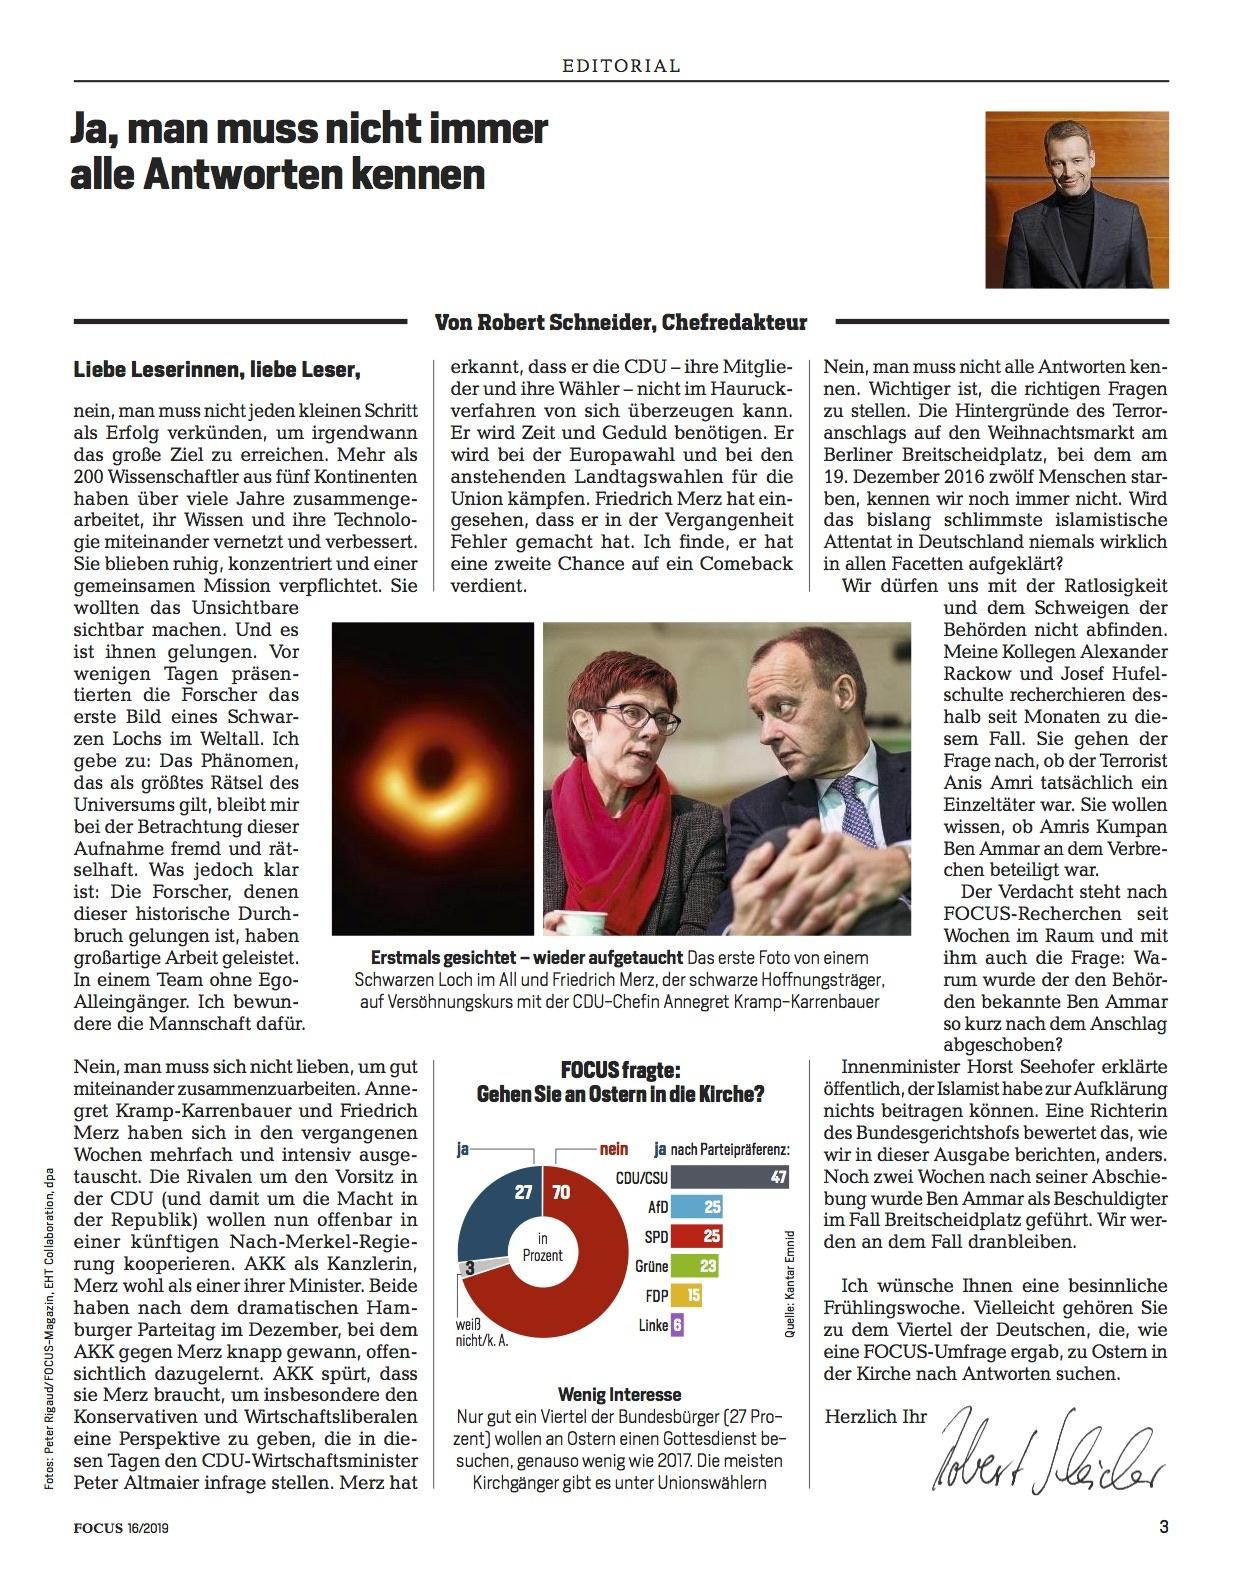 FOCUS FOCUS Magazin - Fahr Rad!